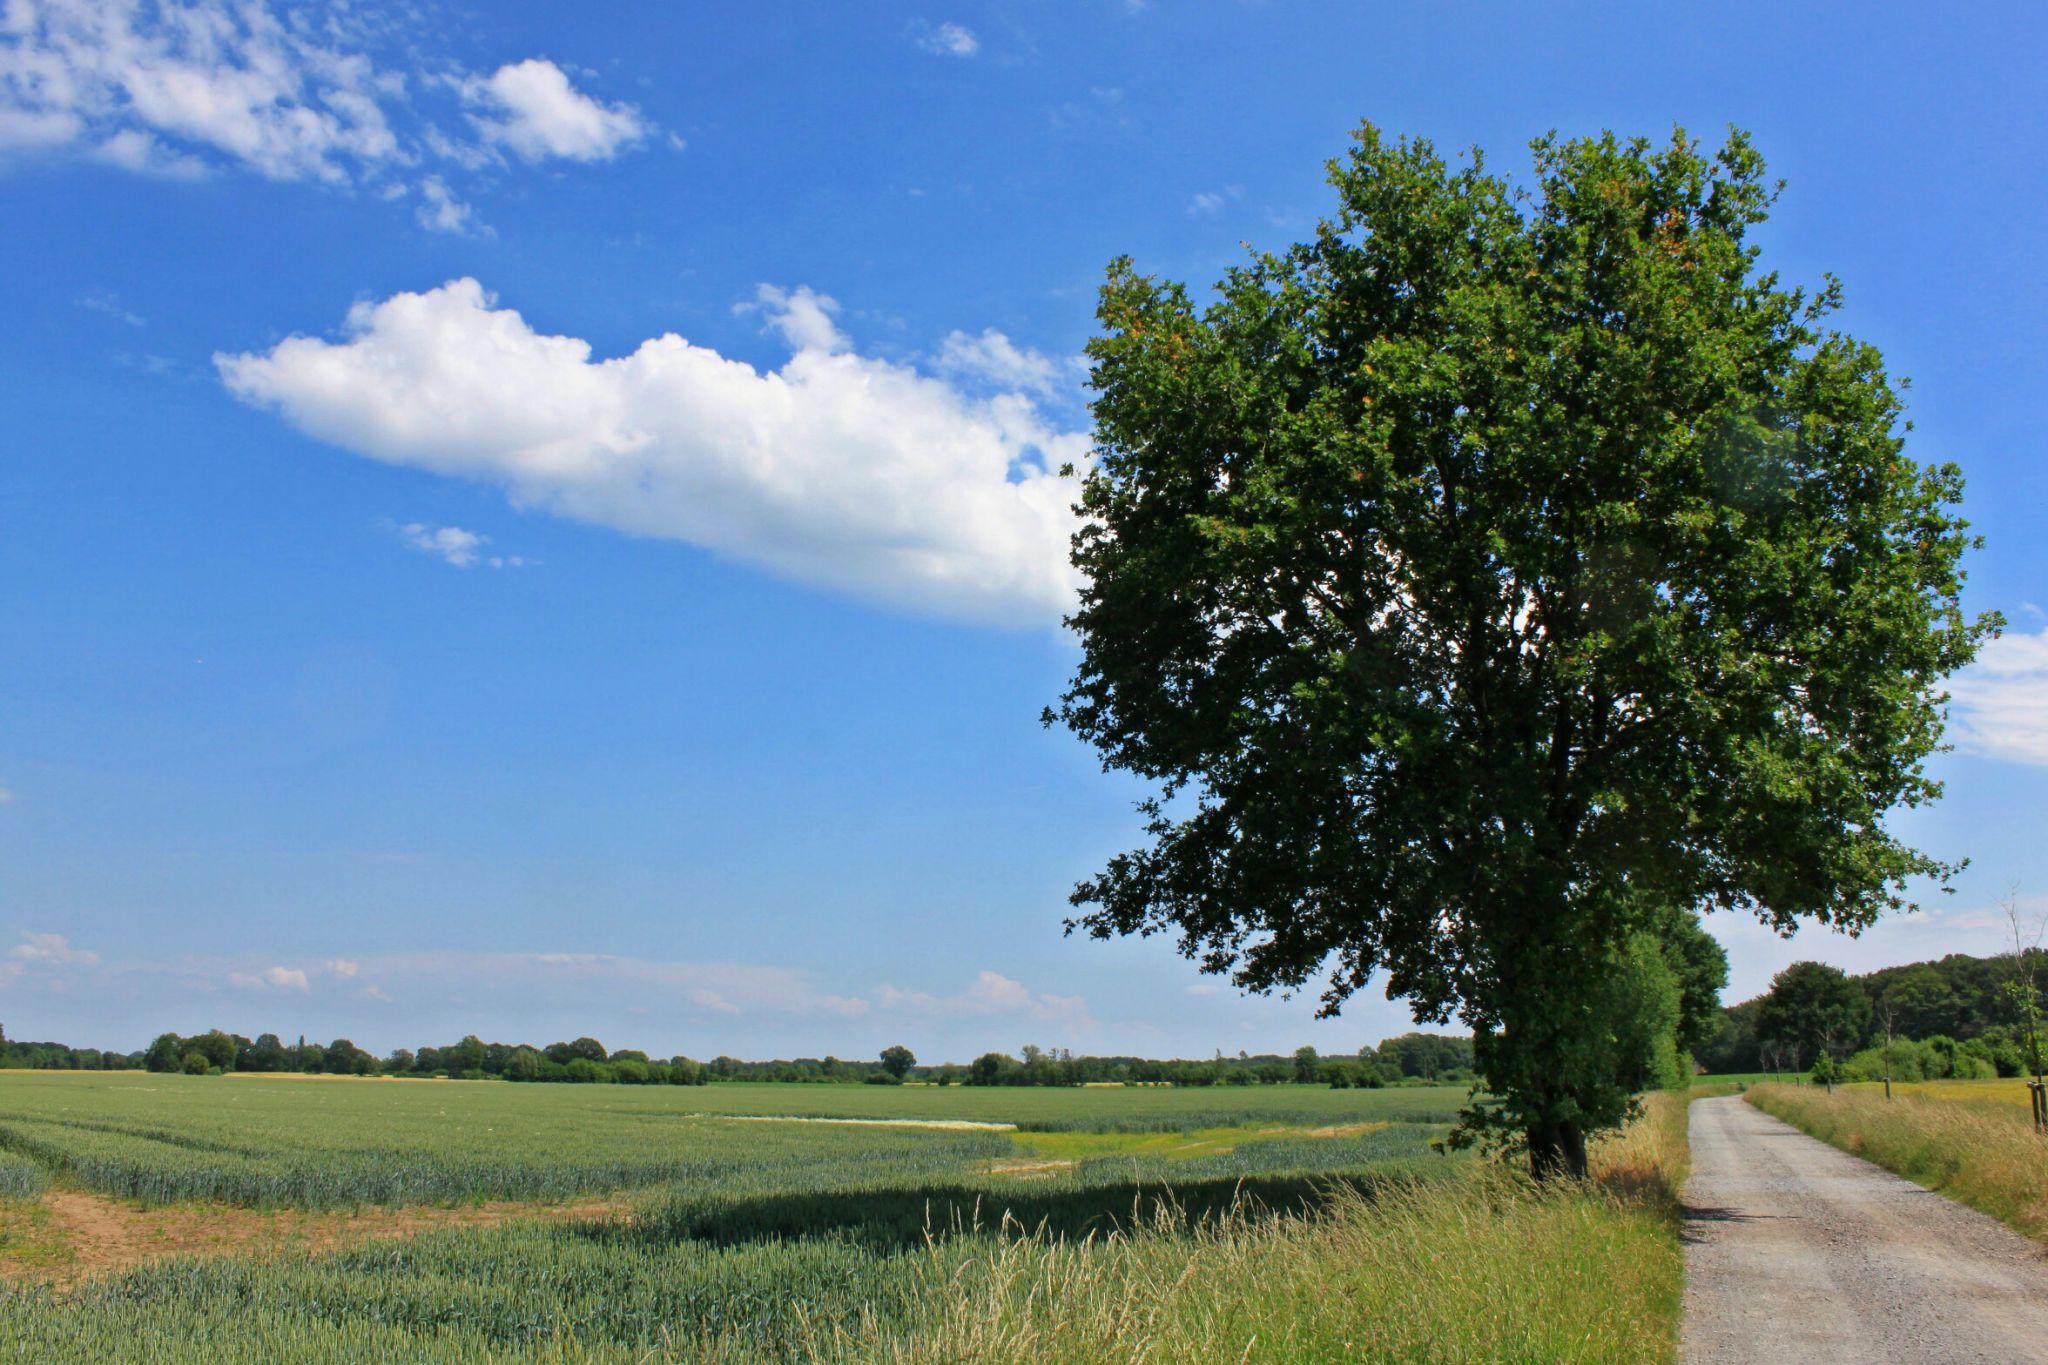 Münsterländer Parklandschaft bei Havixbeck, Germany